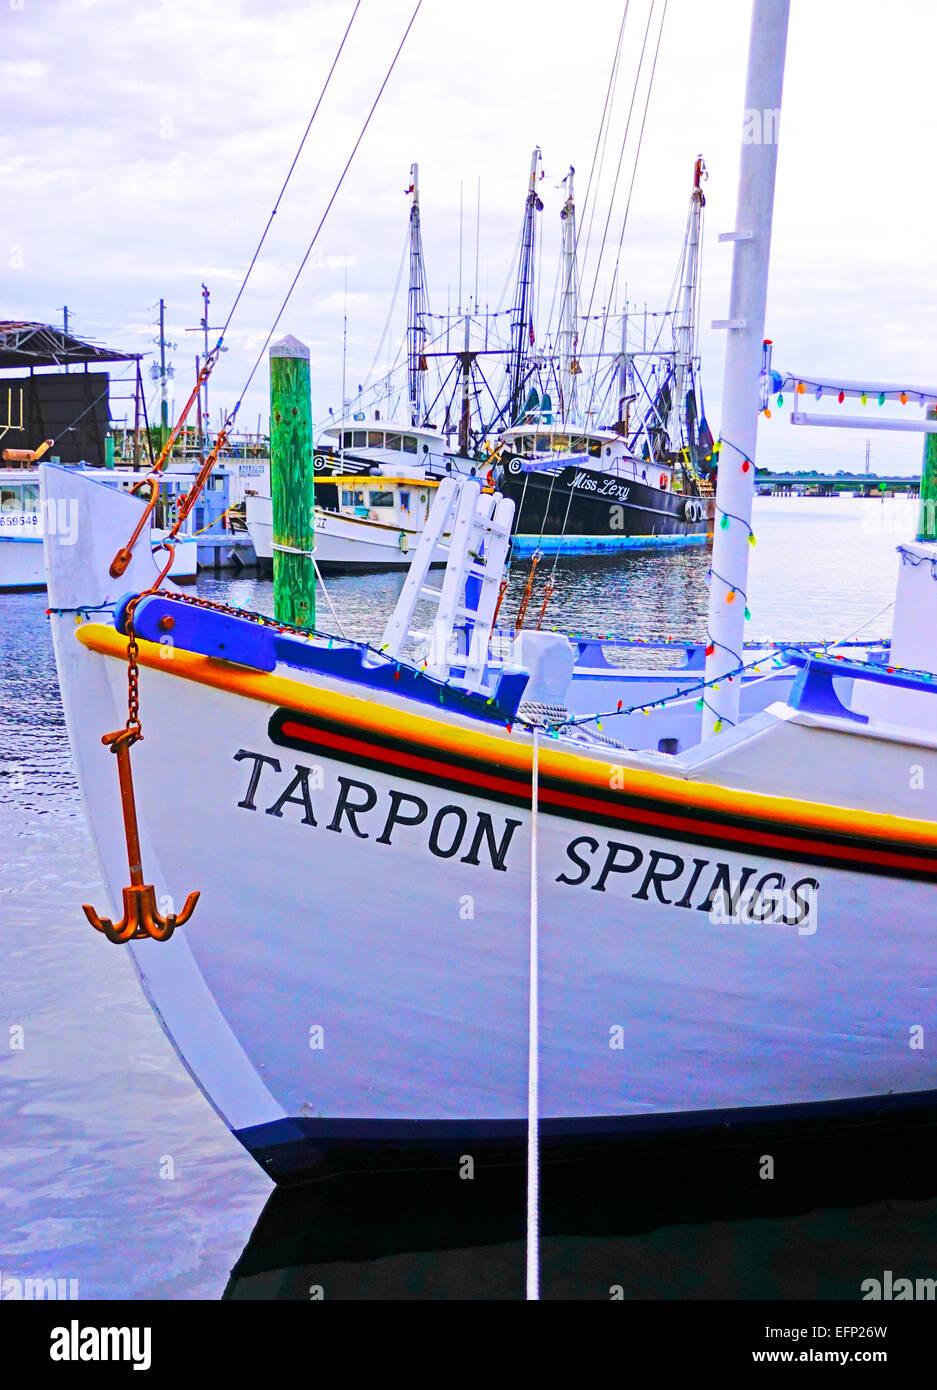 Boats at sponge docks at Tarpon Springs, Florida. - Stock Image